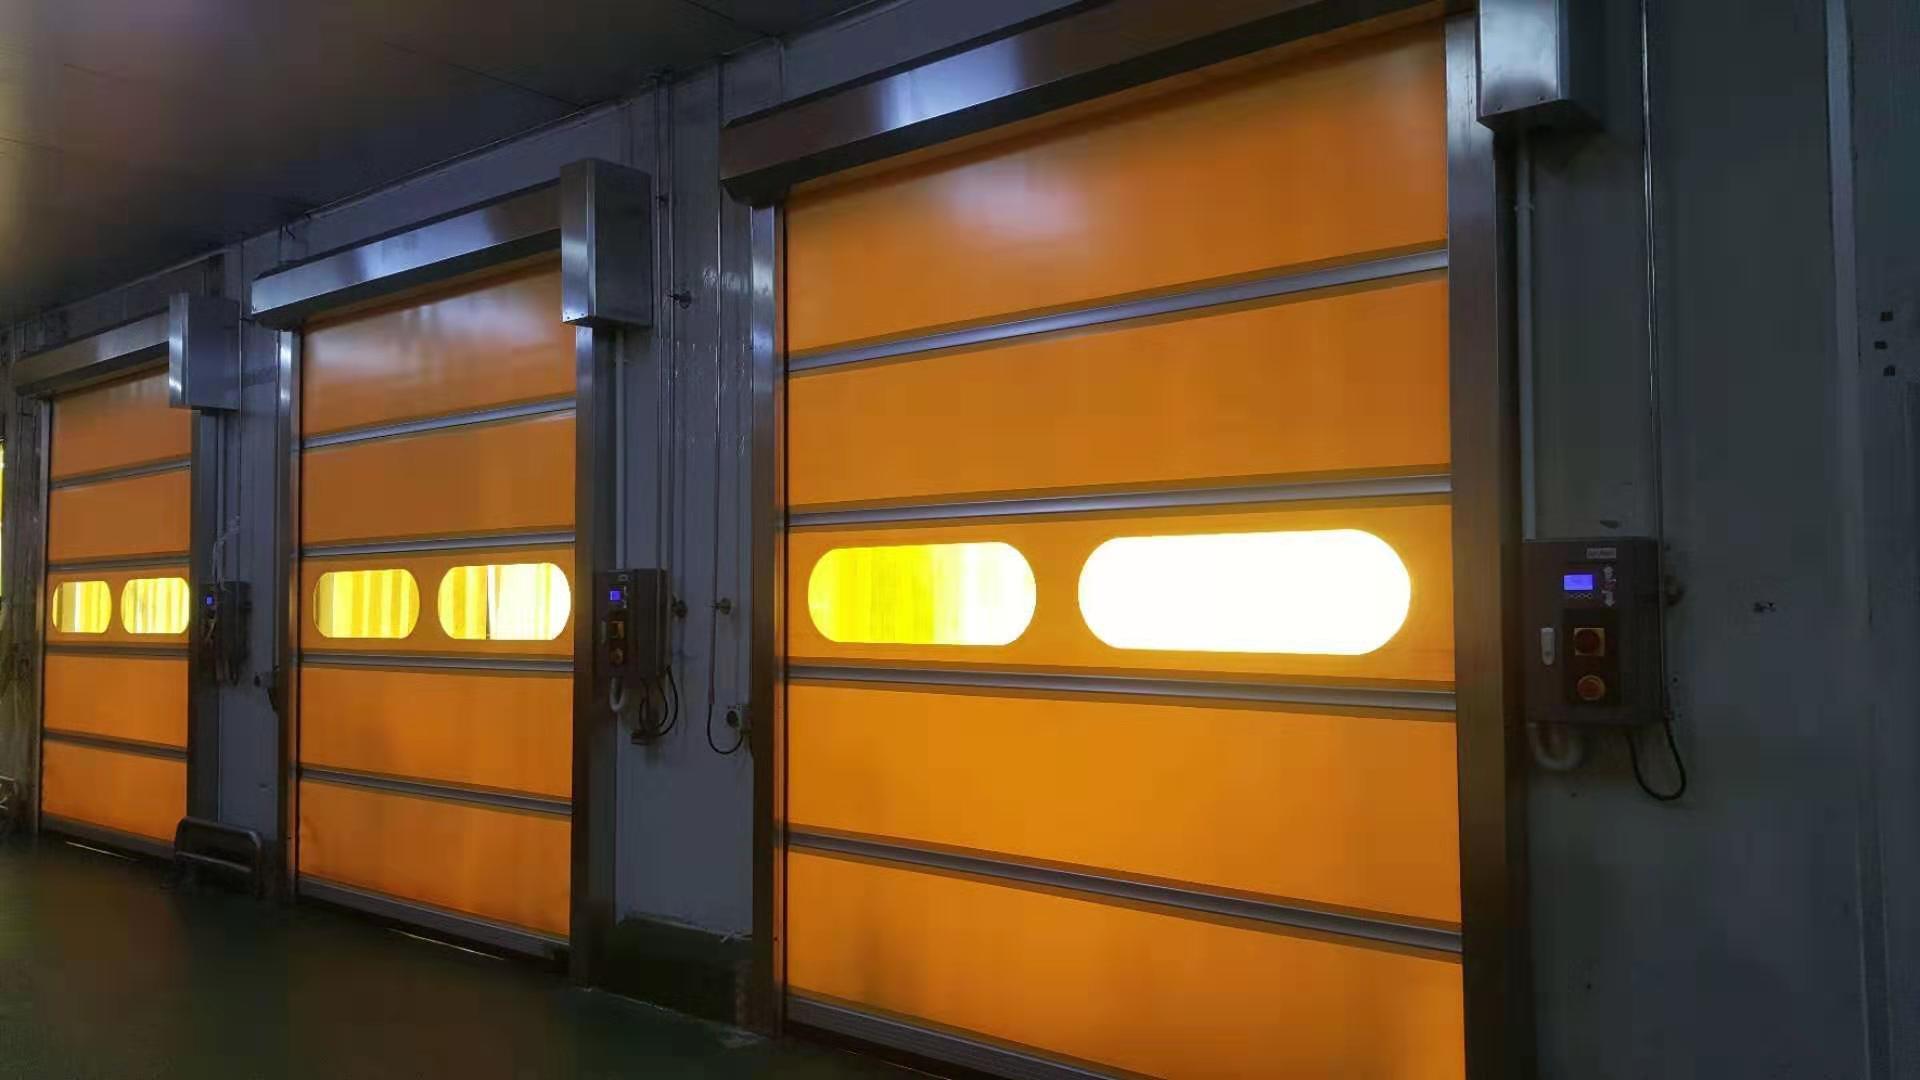 Dịch vụ sửa chữa cửa cuốn nhanh TP: Chuyên nghiệp -  Uy tín